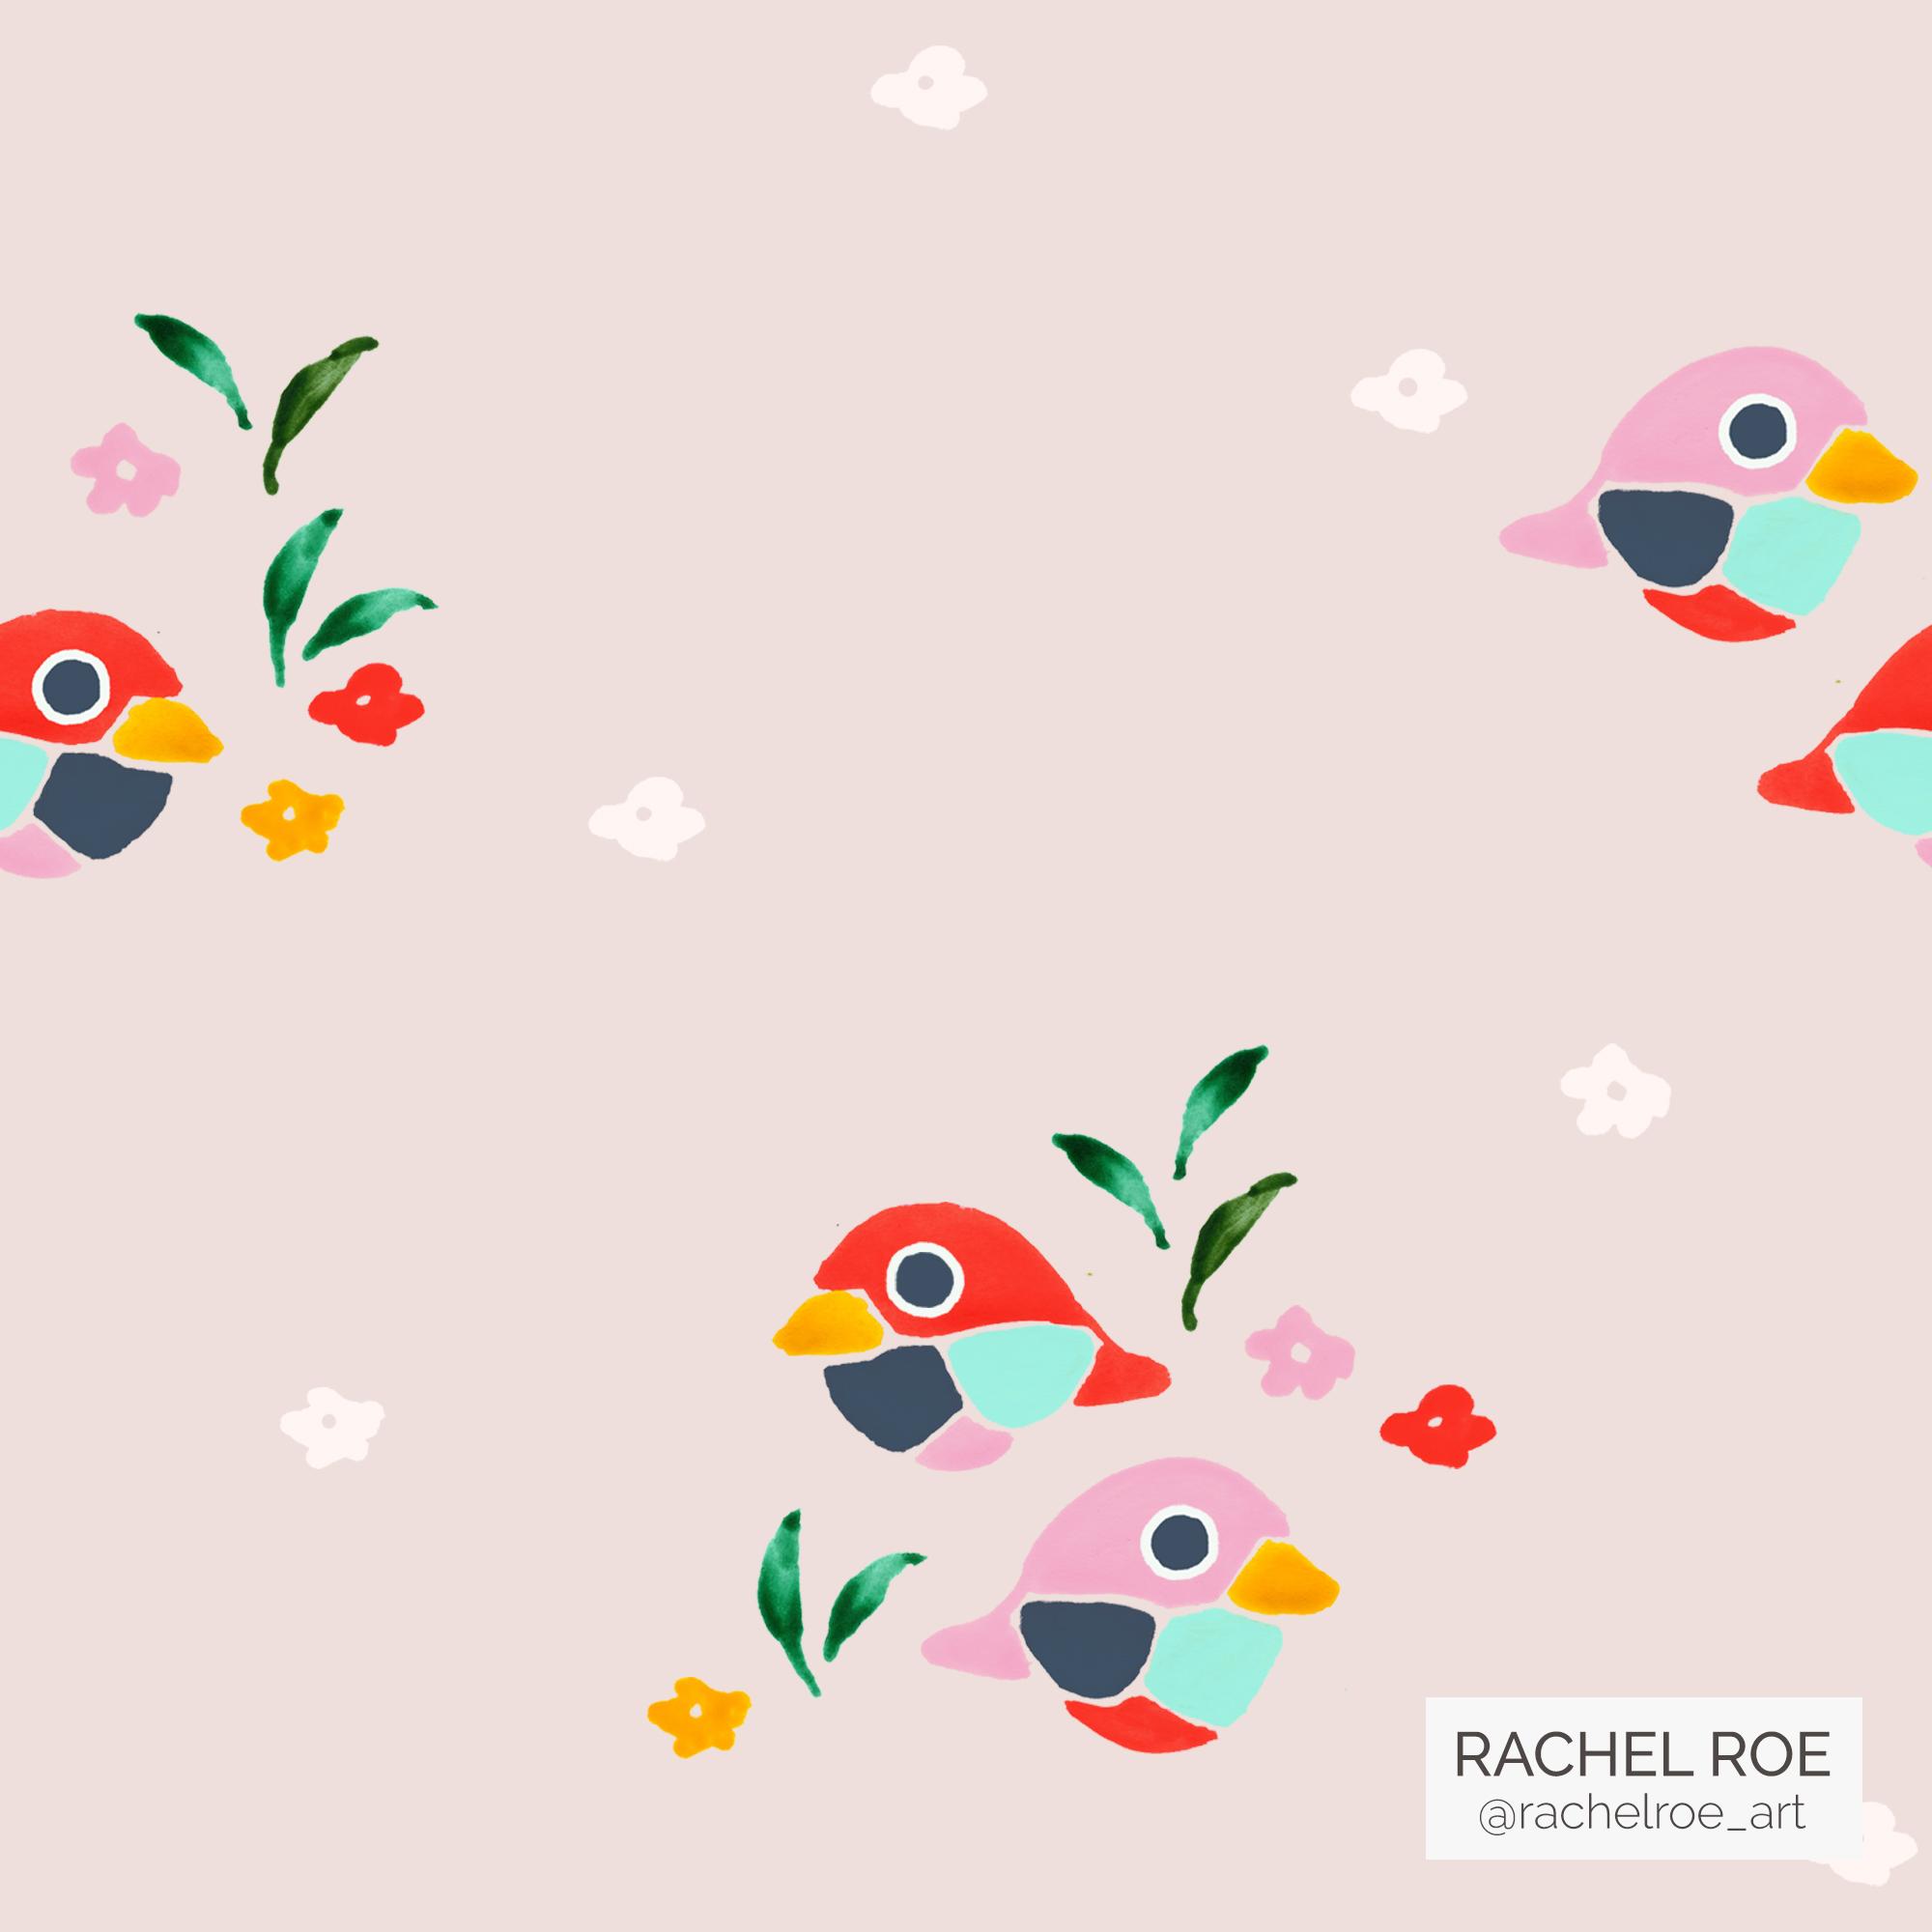 Baby-Bird_Instagram_Rachel Roe.jpg